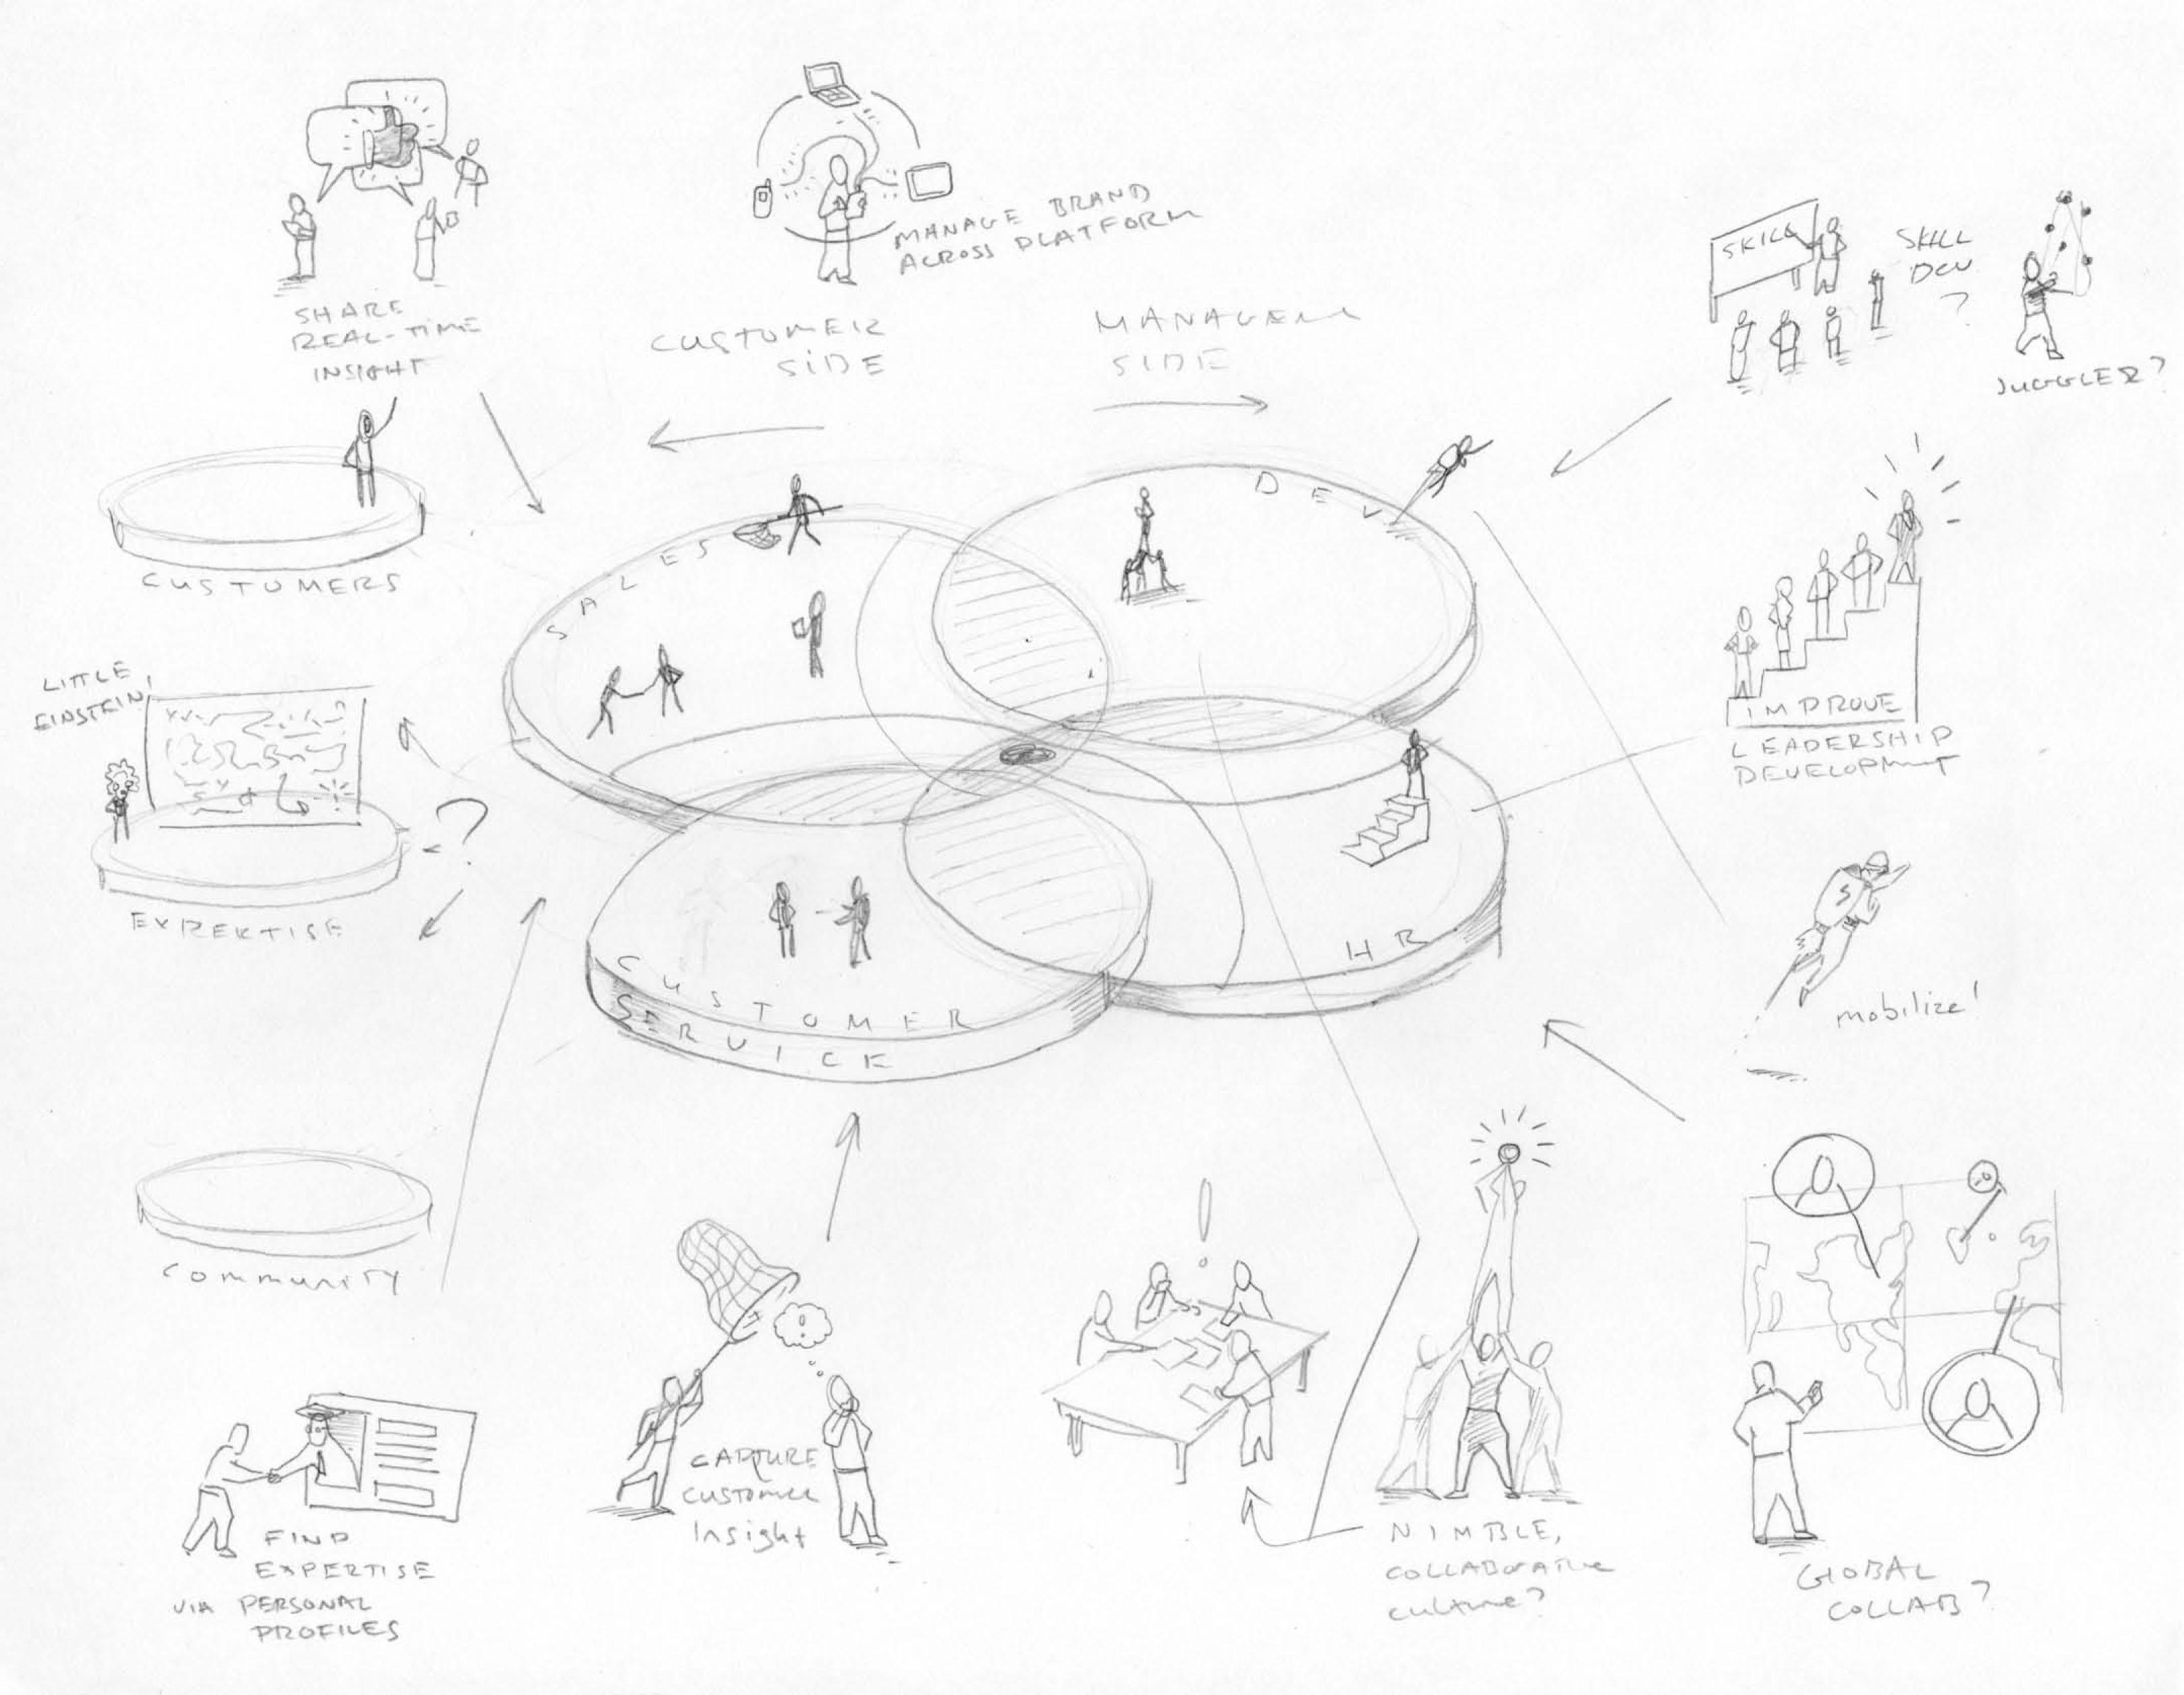 IBM Soc Bus Sketches